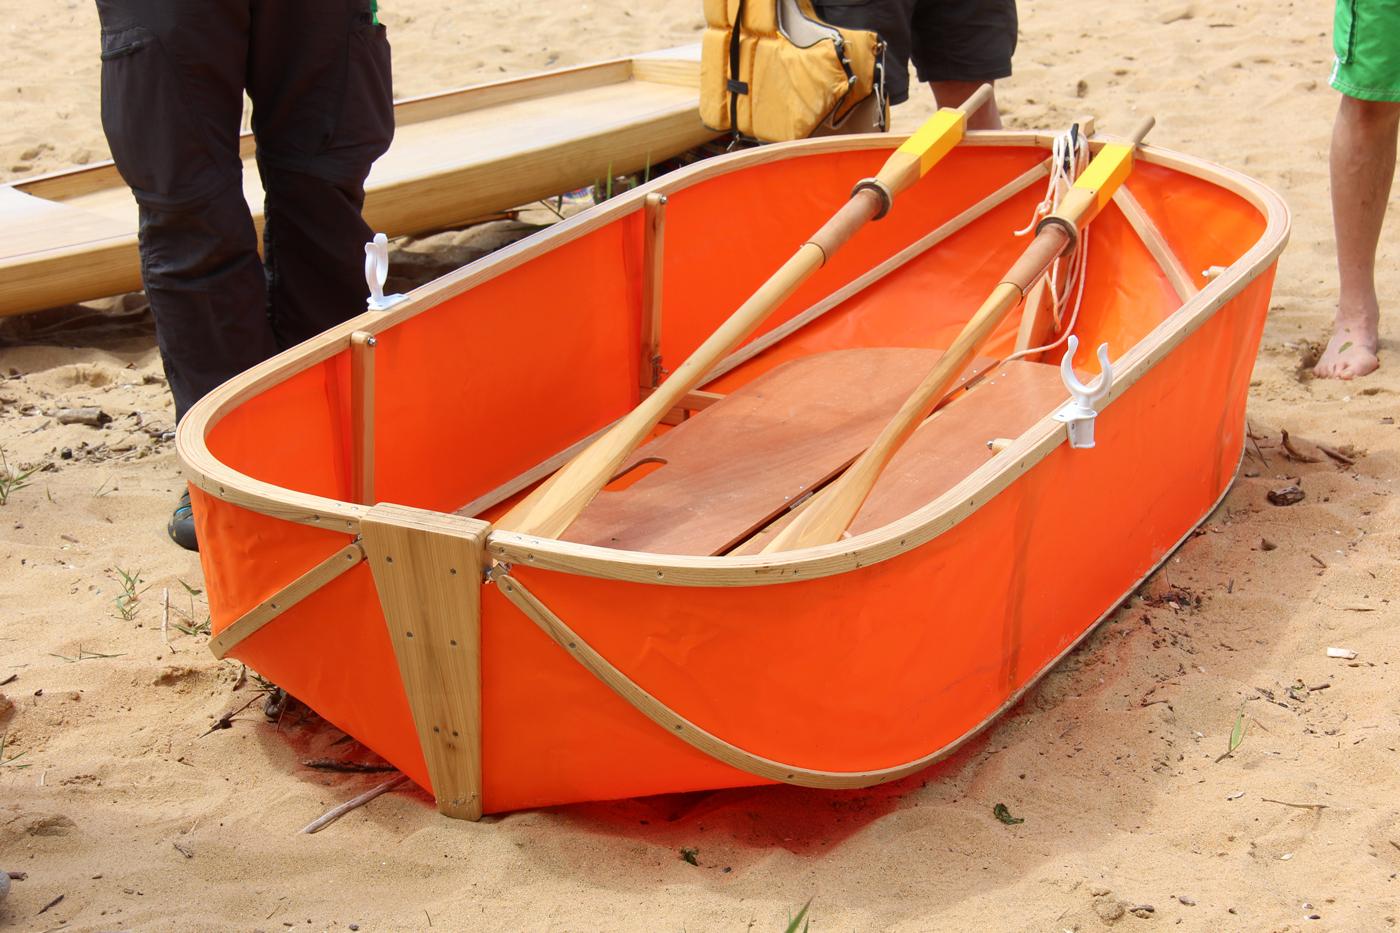 Scott Knapp's Fliptail folding boat